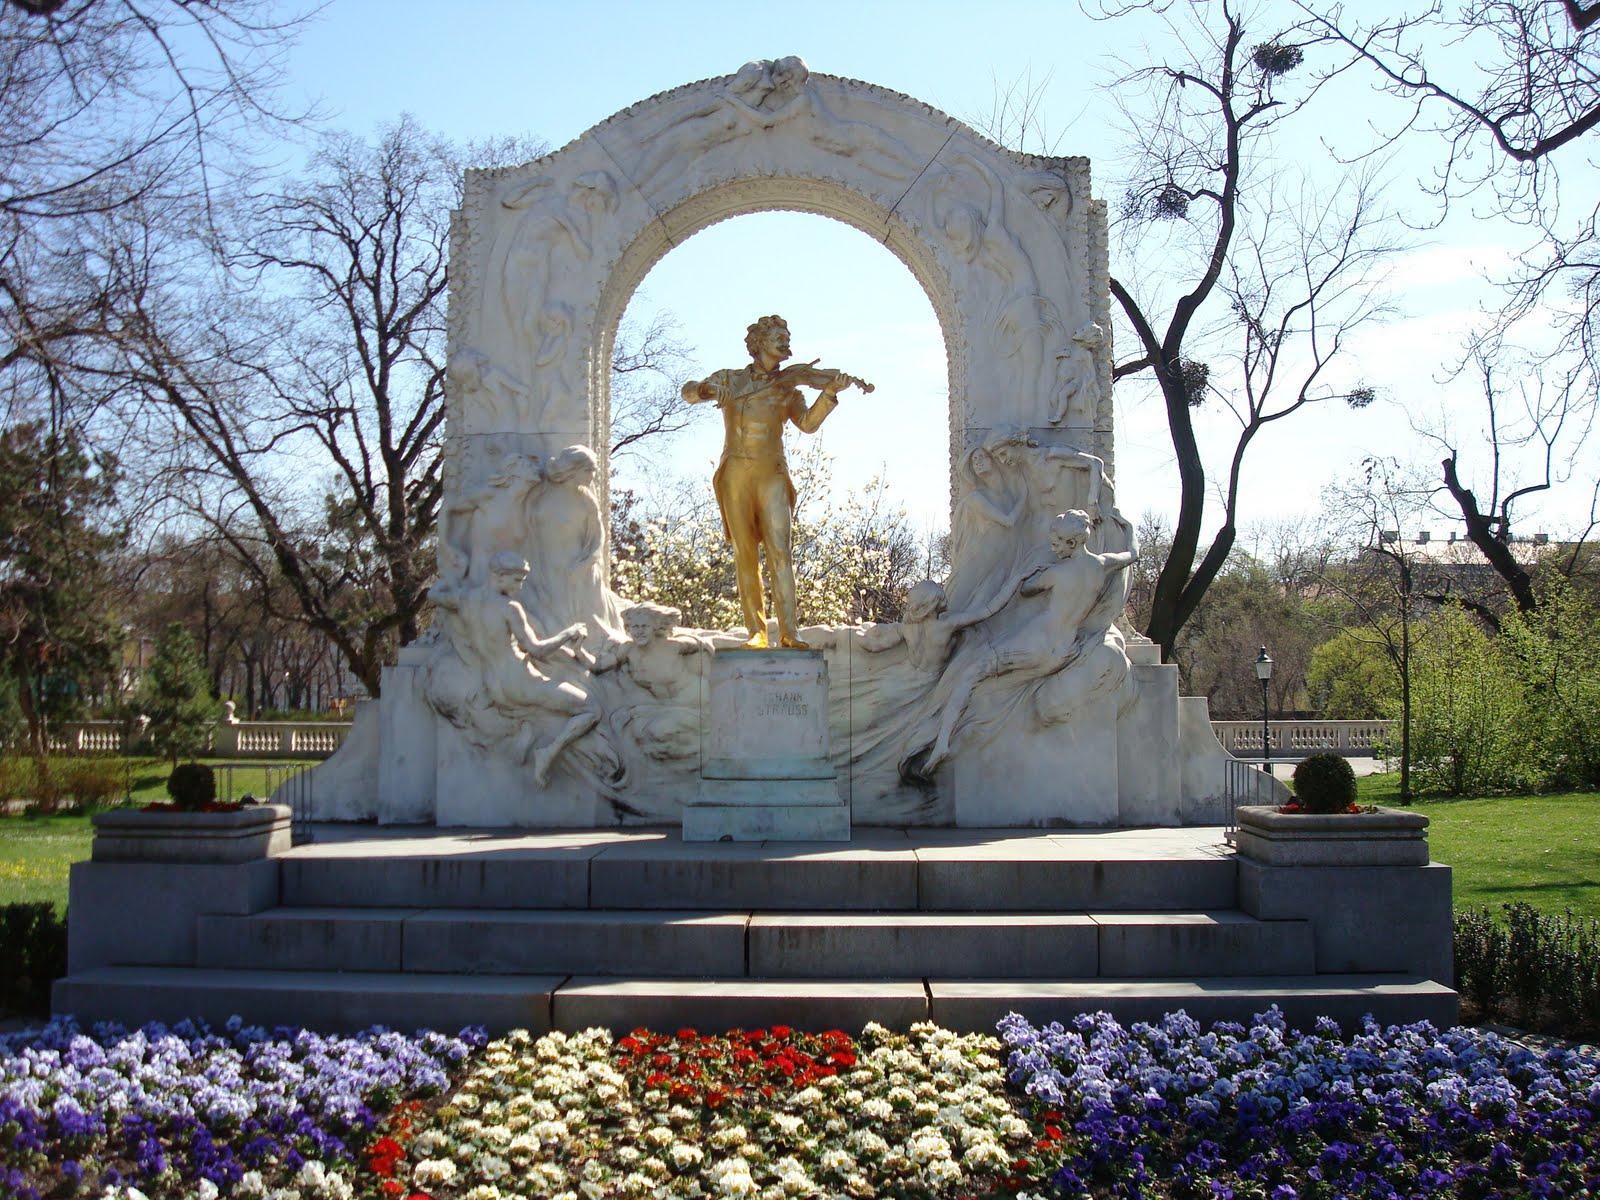 http://2.bp.blogspot.com/_LBqZHUmd5DE/S8DDLpHRwqI/AAAAAAAAAag/BMgDzwFx9qY/s1600/Vienna2010_0403AV.JPG